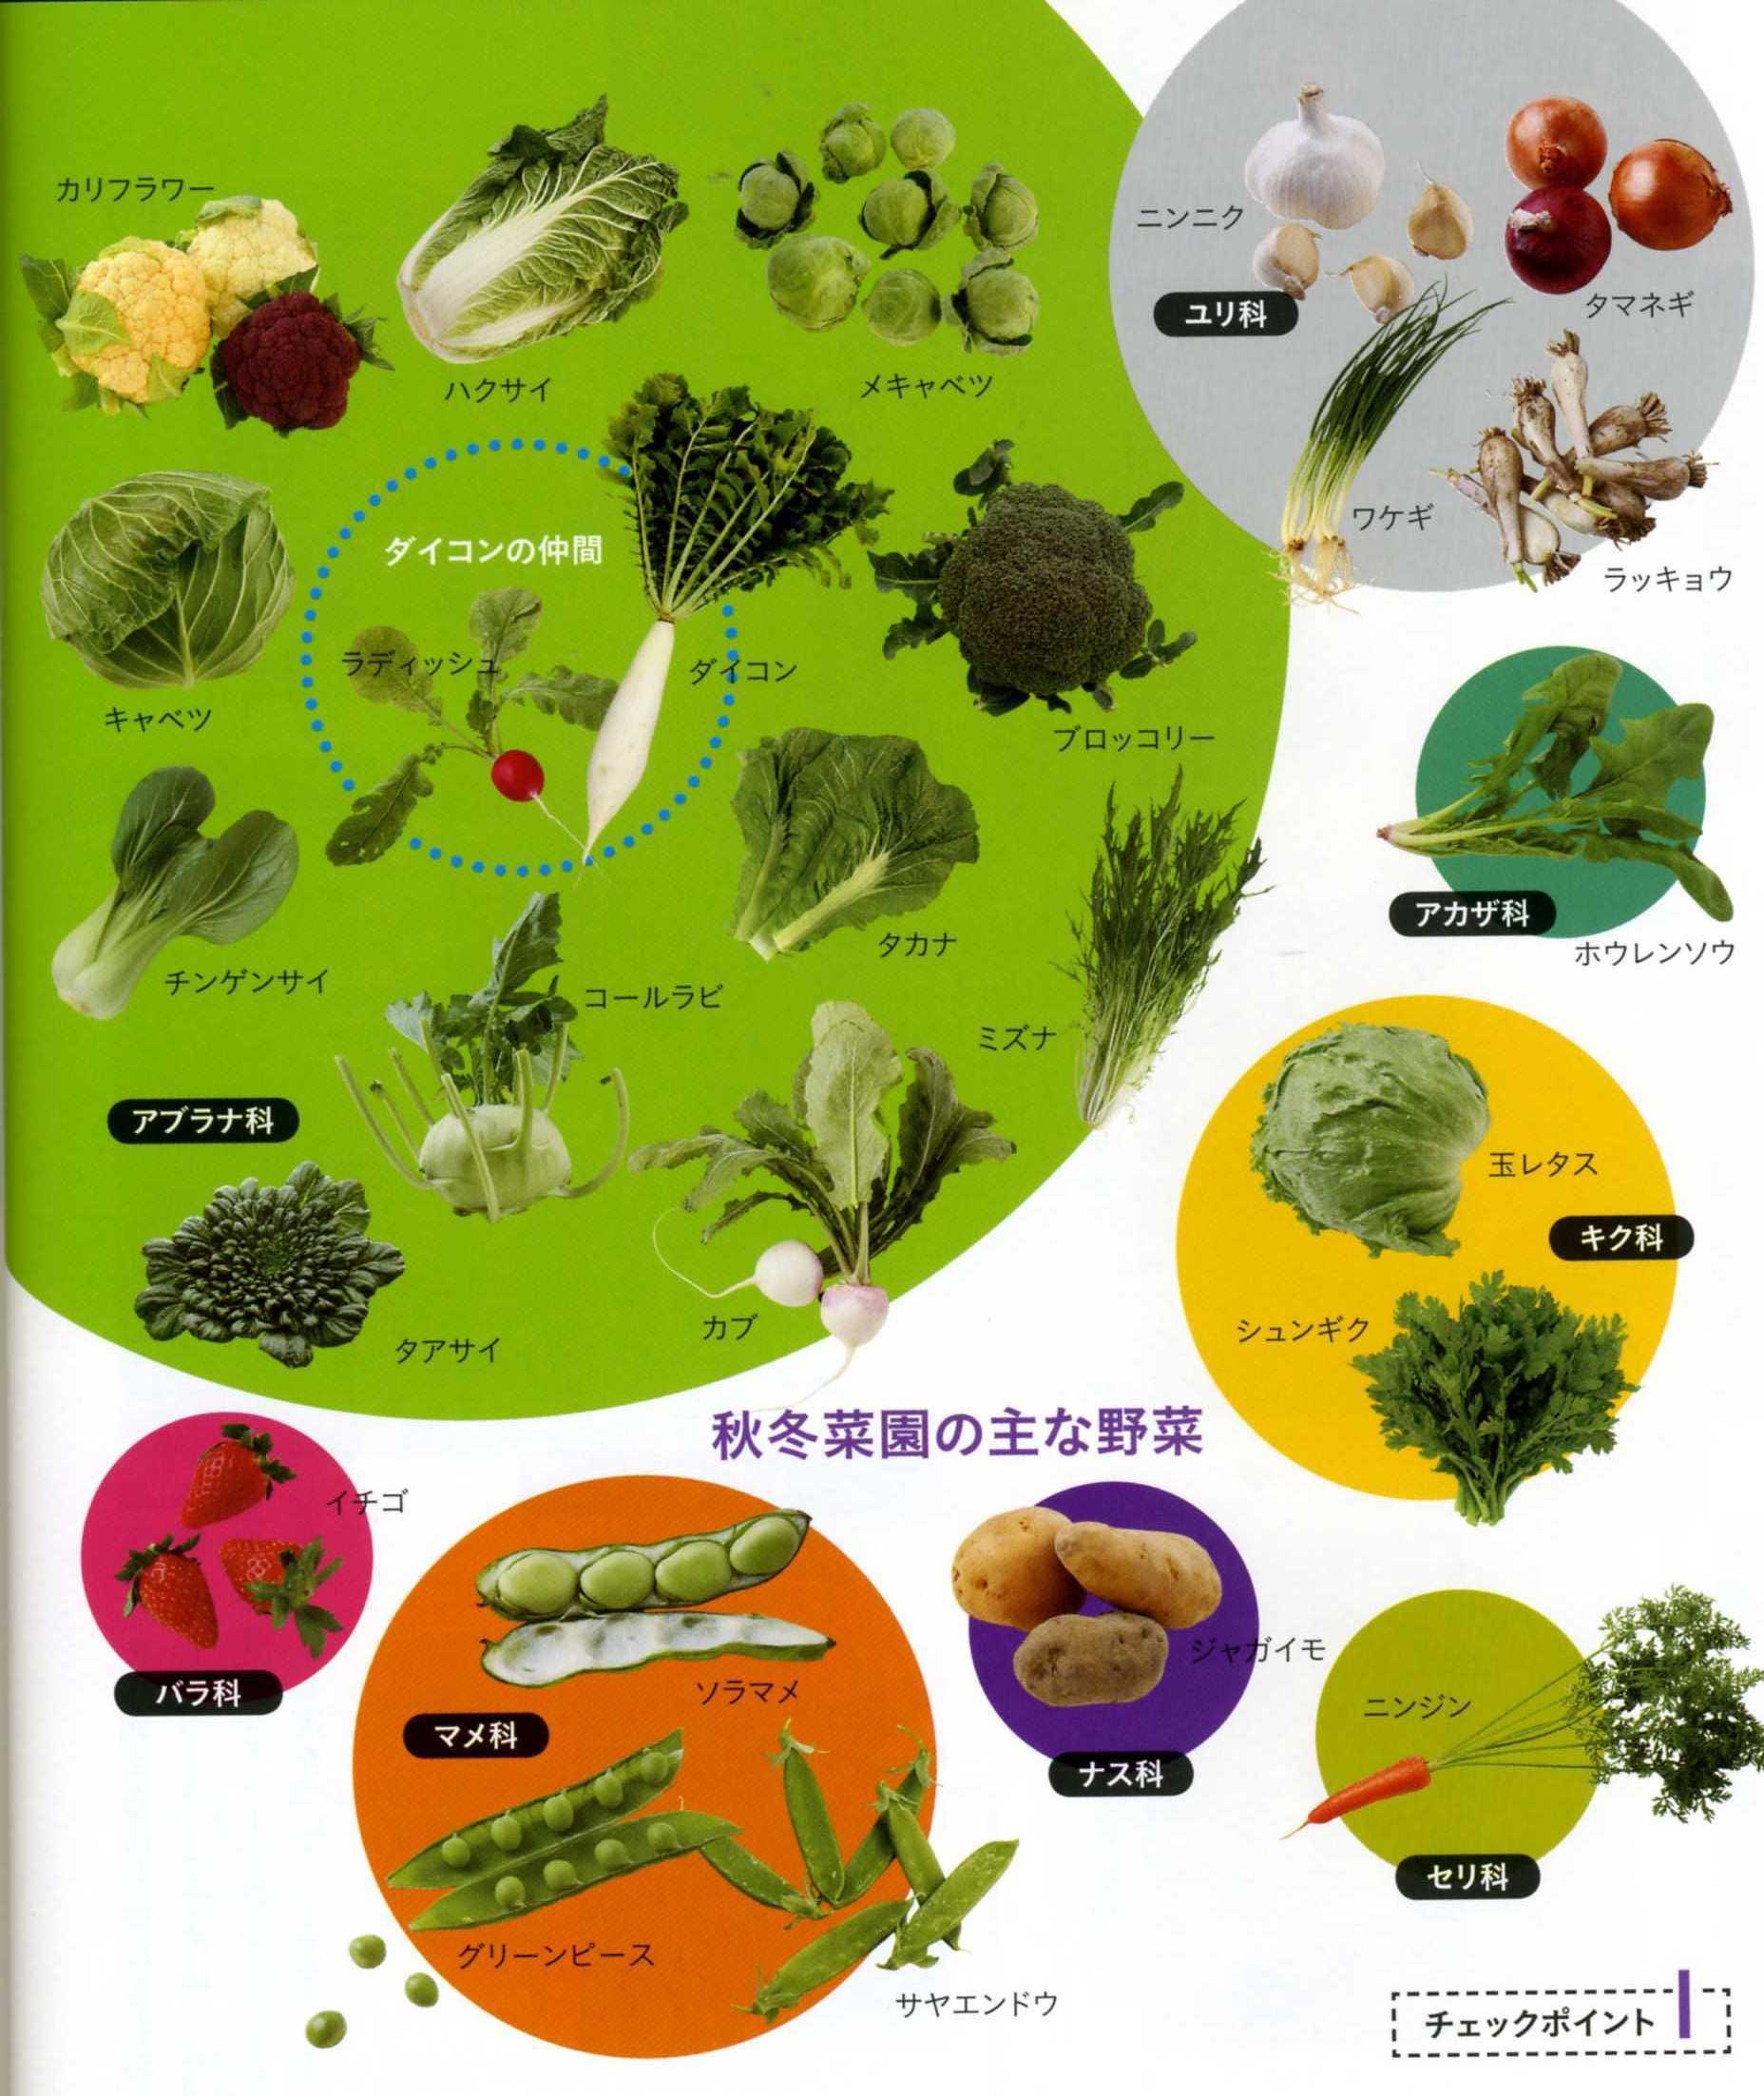 ガン予防にも美容にも効果的なアブラナ科野菜をまとめてみました。のサムネイル画像